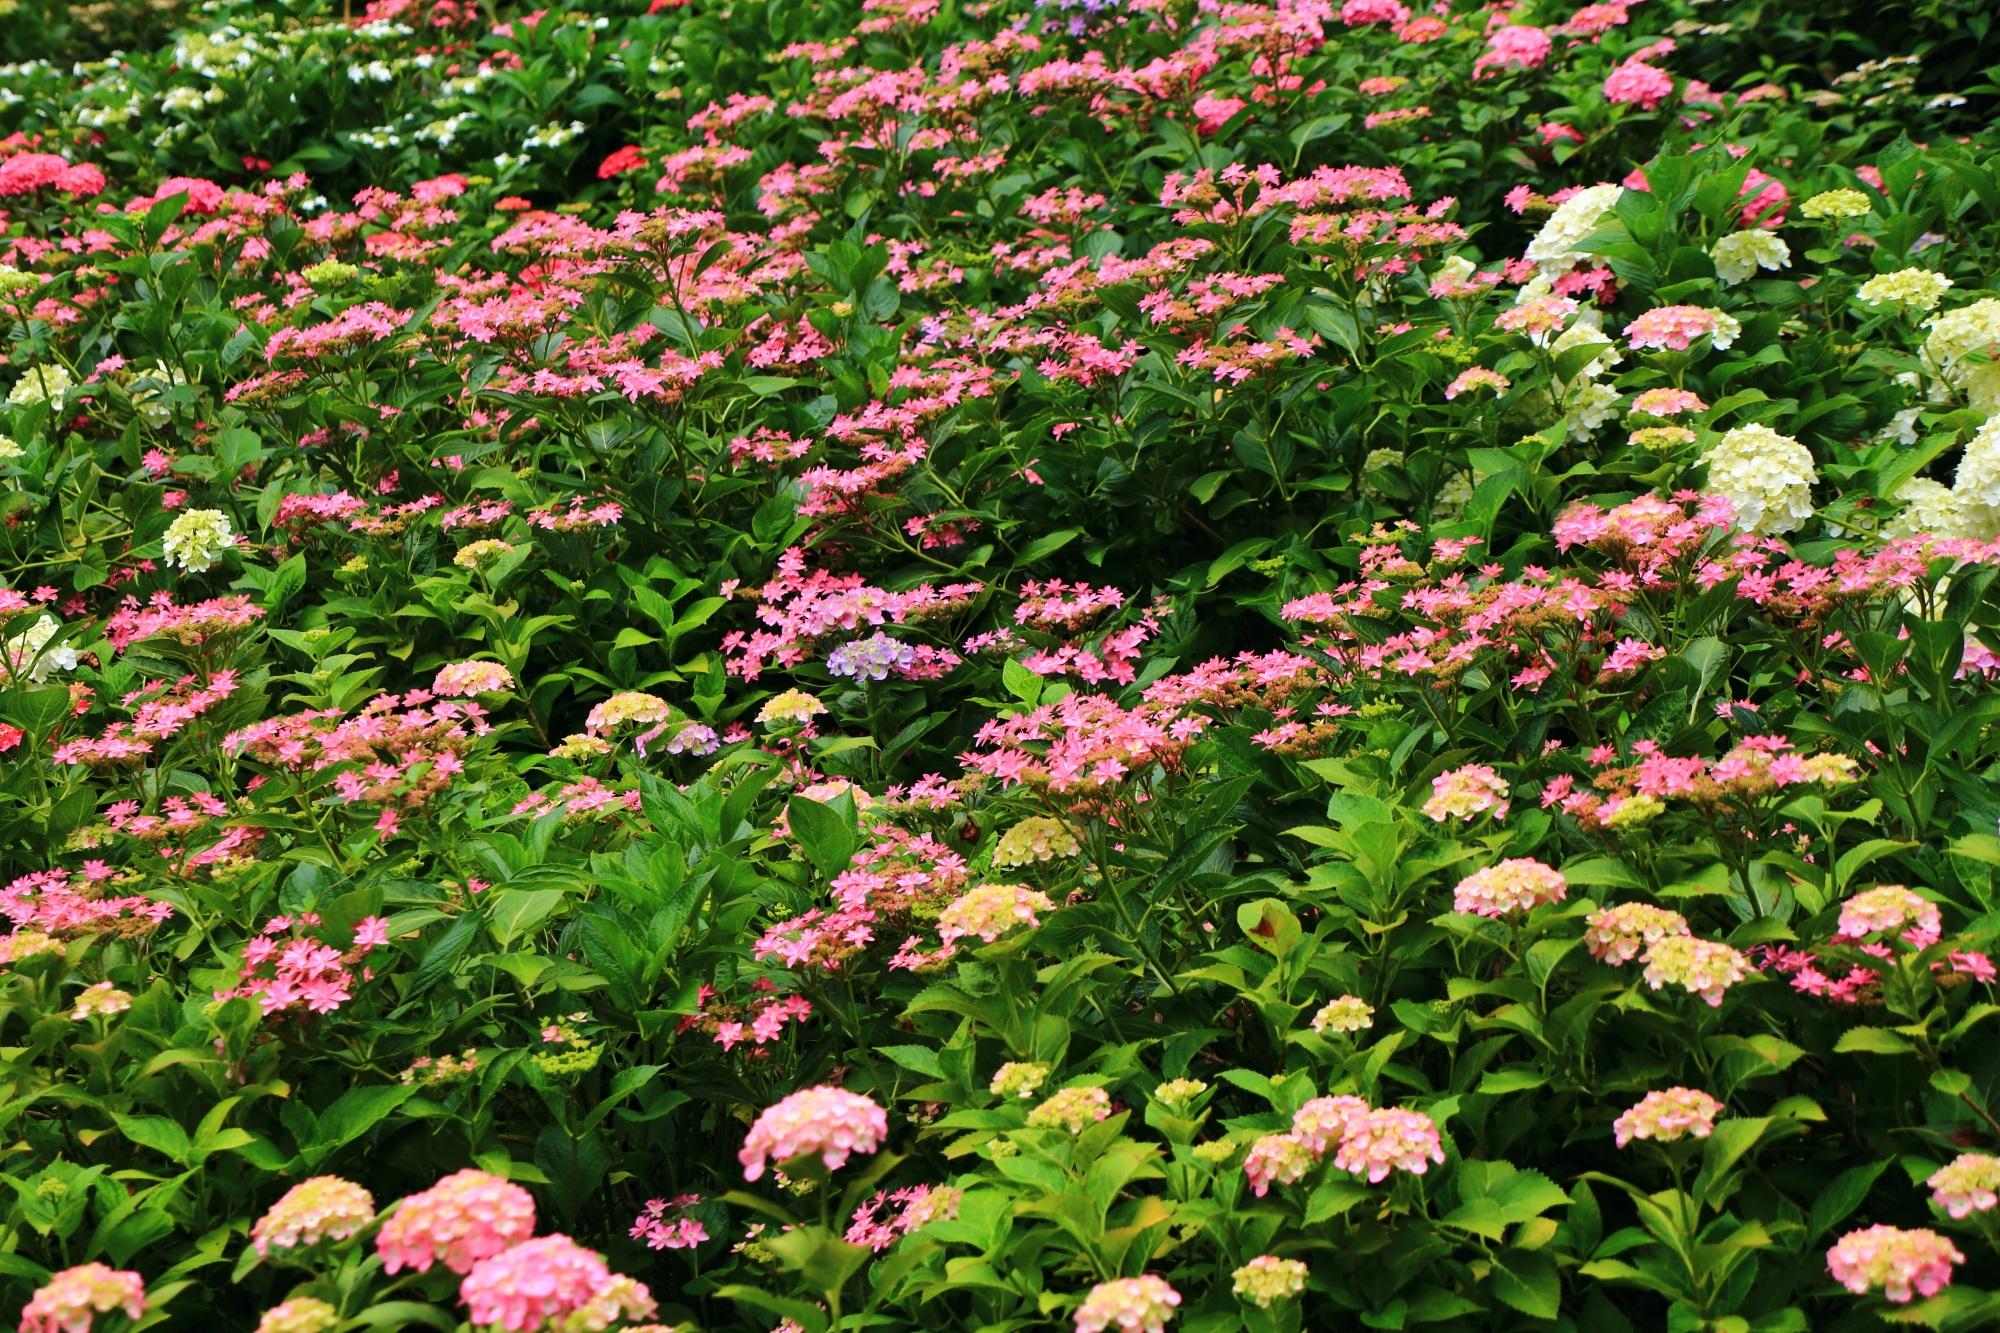 三室戸寺のつつじ園入口付近の煌びやかな紫陽花